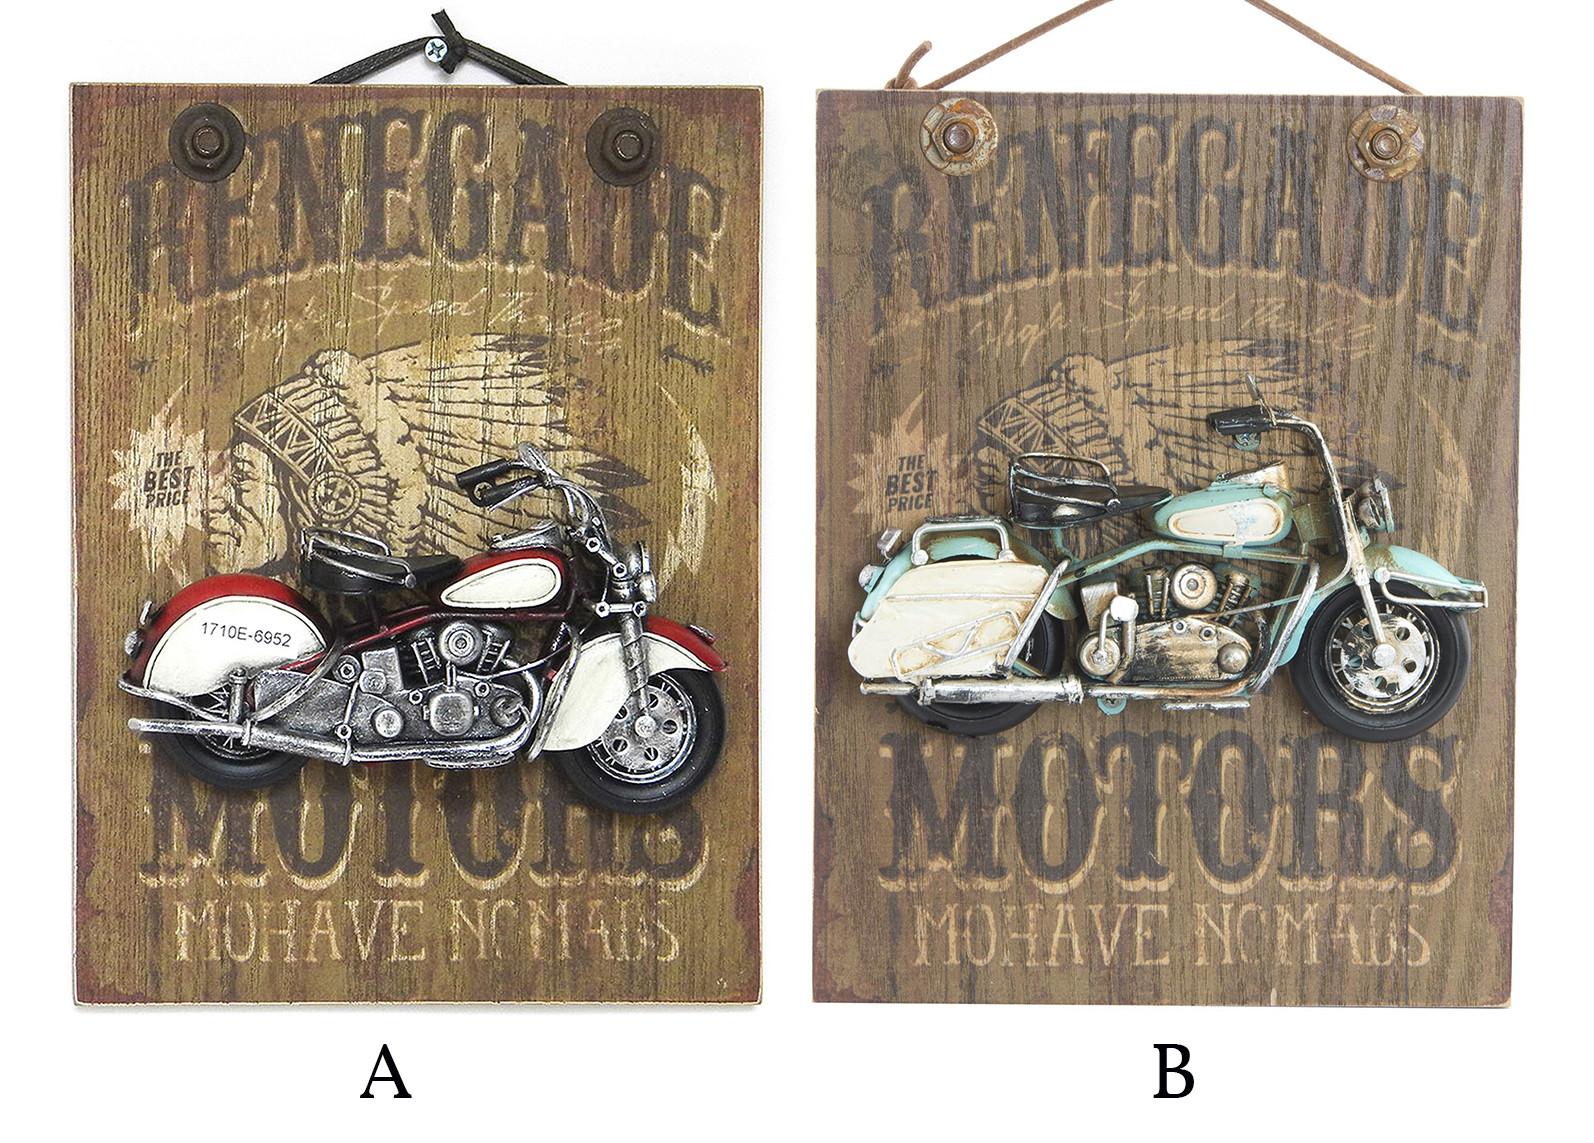 Cuadro de madera decorativo para pared con motos de metal 26 x 20 cm - Renegade - Hogar y más